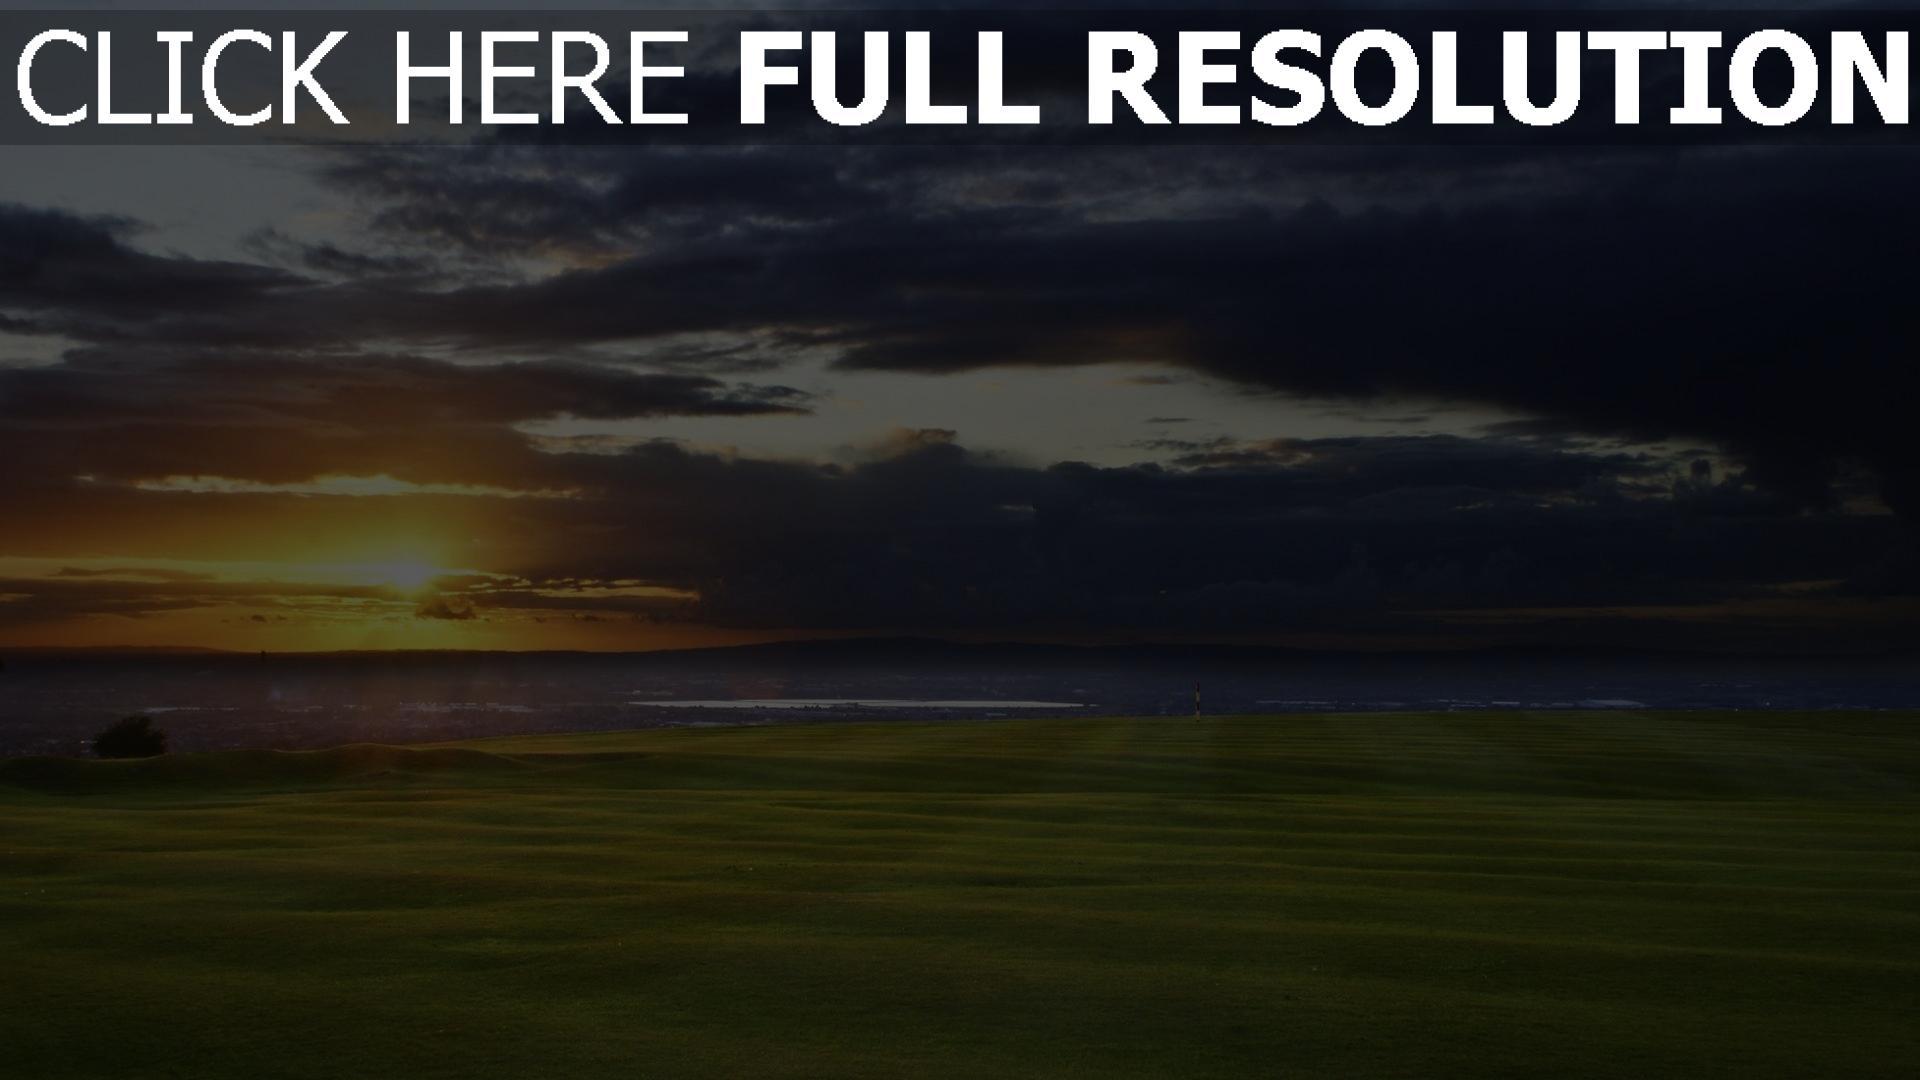 hd hintergrundbilder field meer horizont sonnenuntergang golf 1920x1080